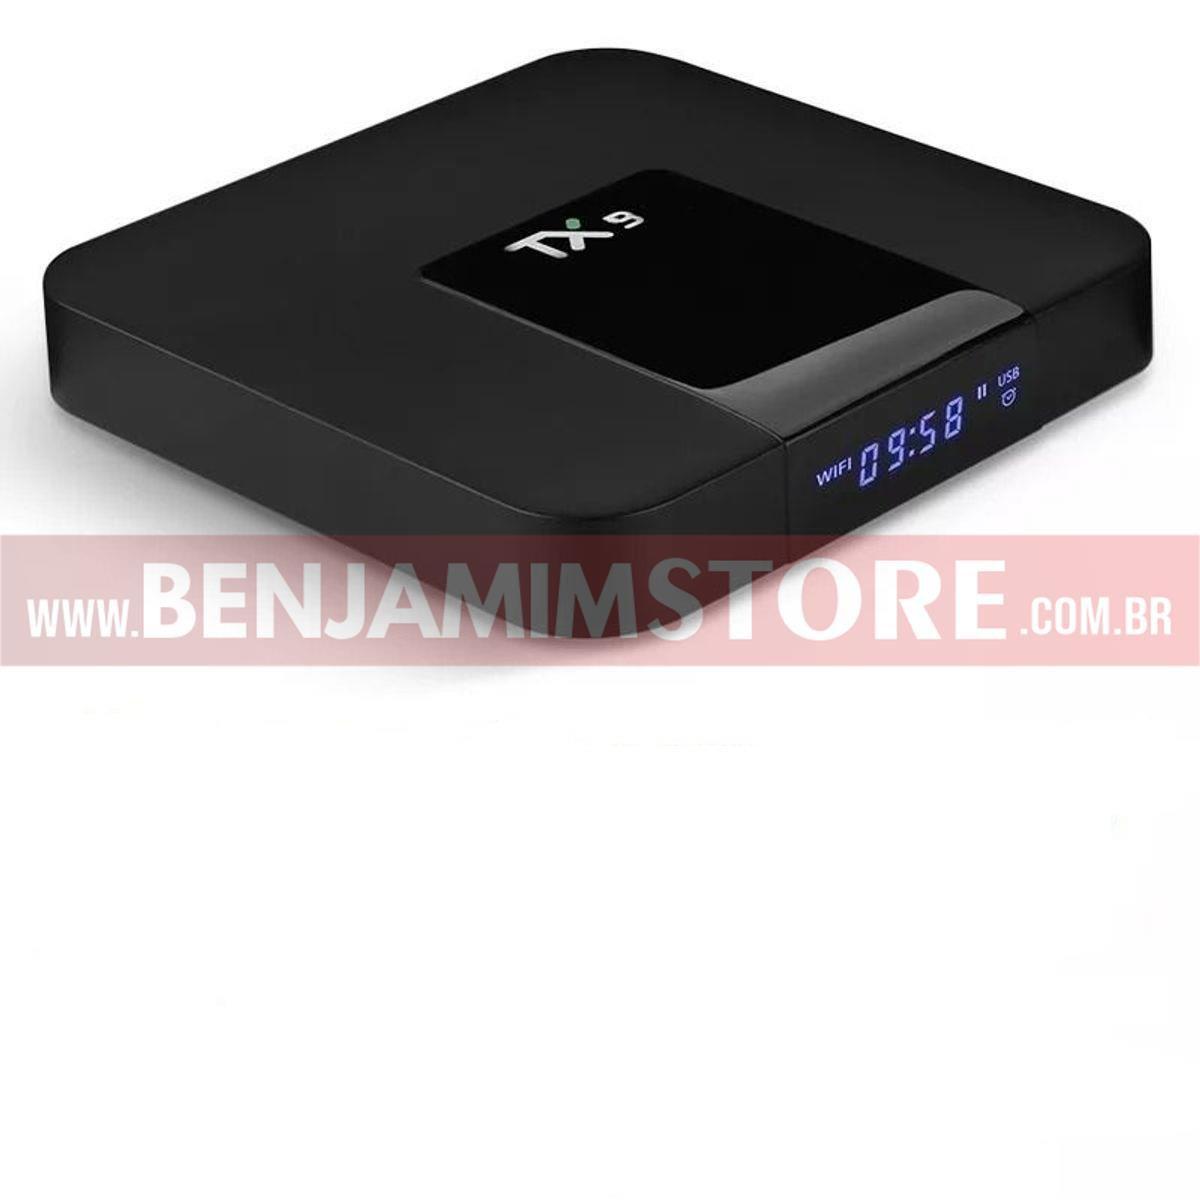 Conversor Smart TV TX9 2 Gb de Ram 16 Gb de Room